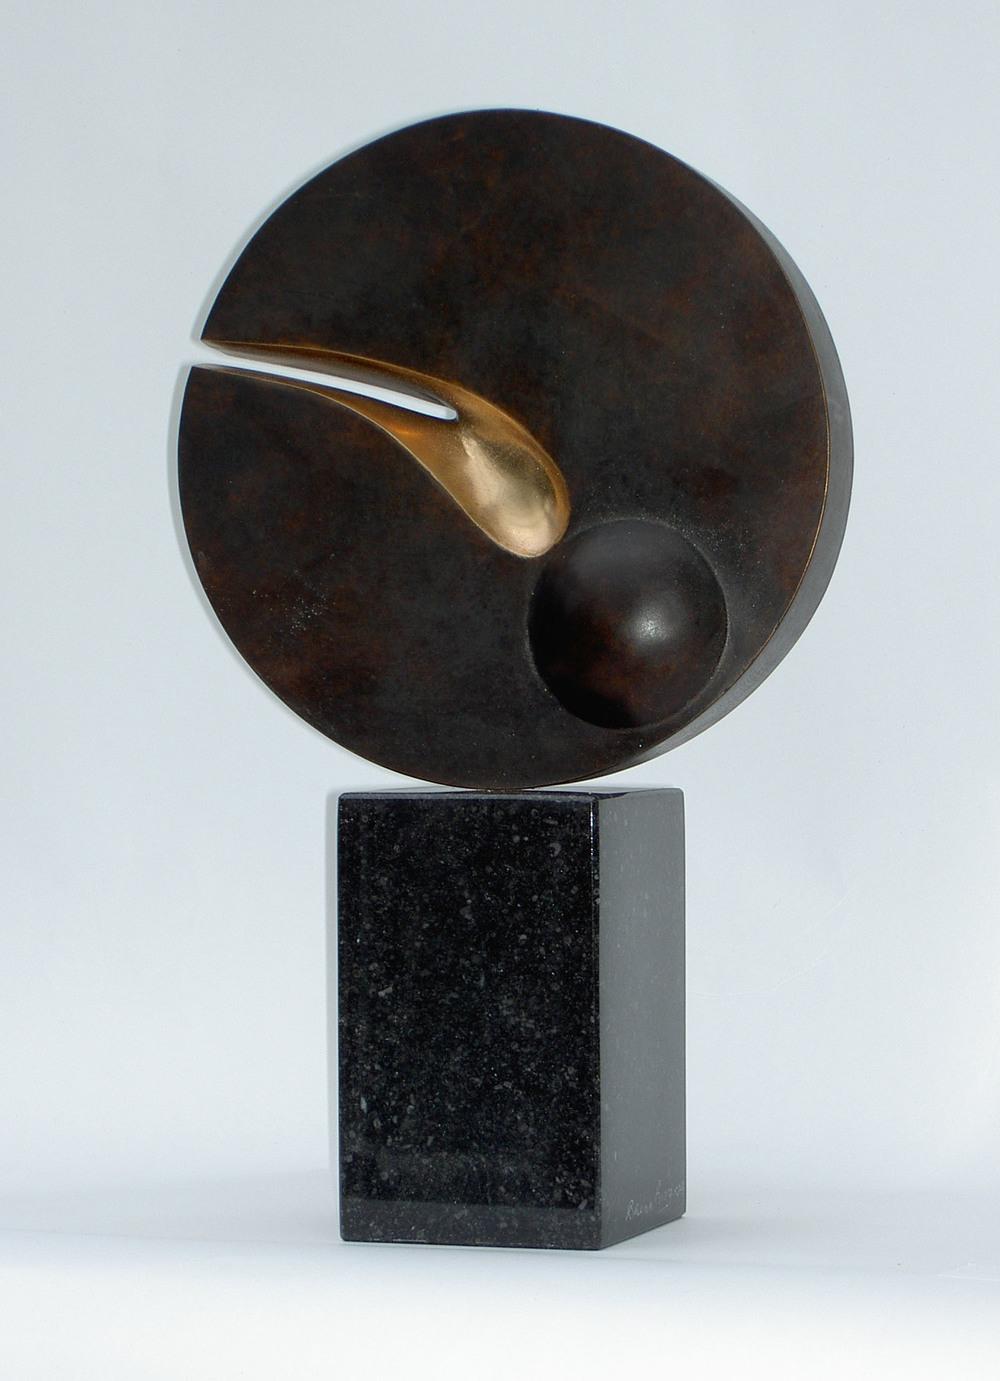 Brian King_-_Halley's Comet_bronze_36 x 21cm.jpg